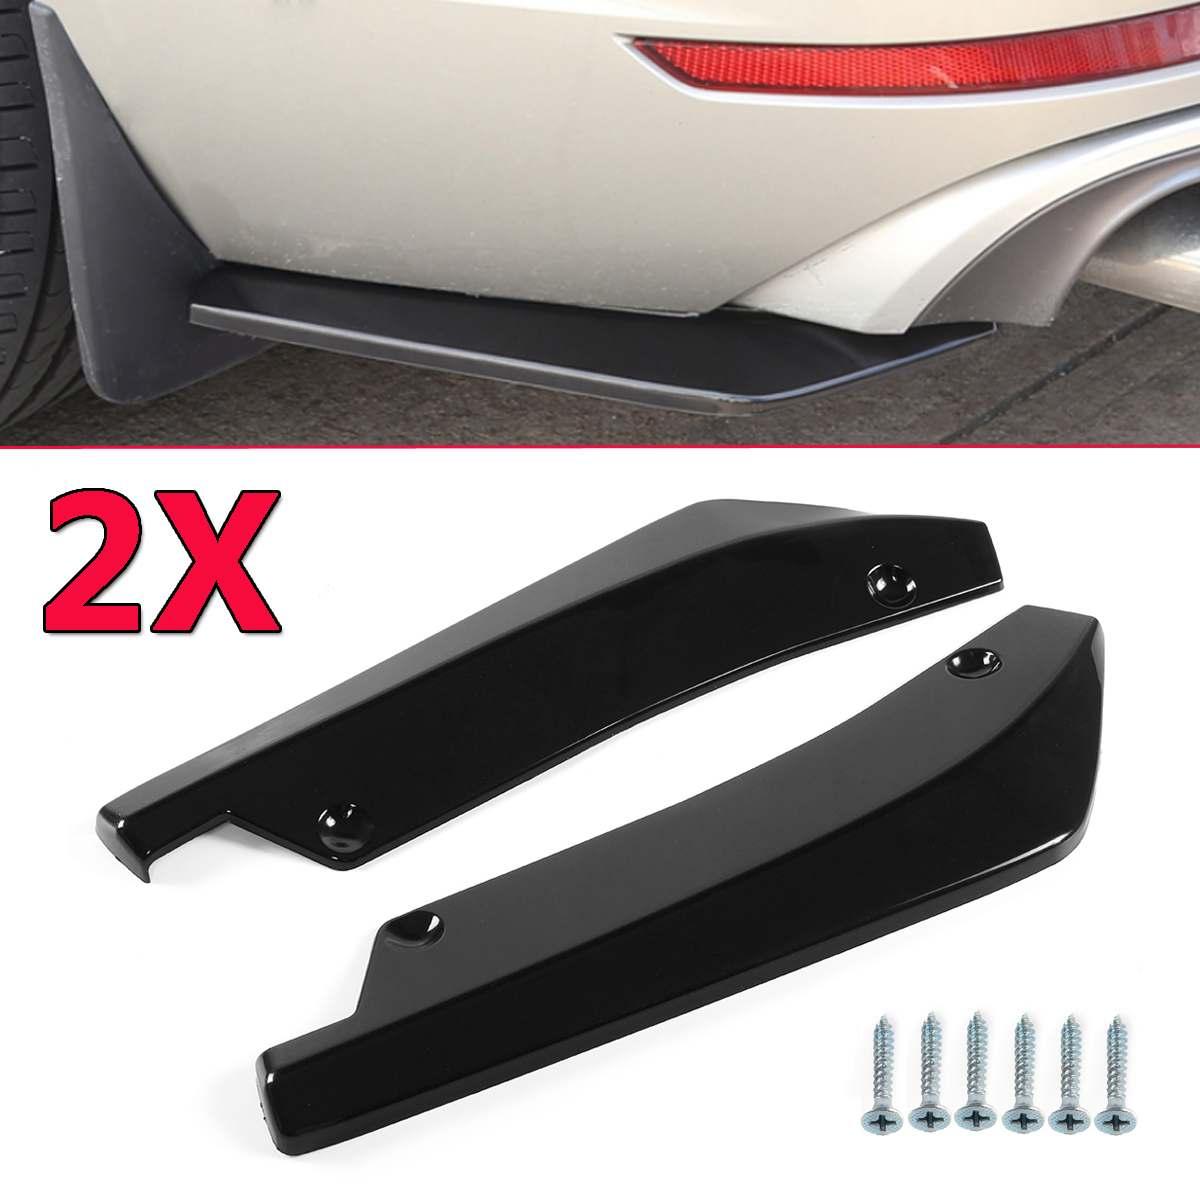 2 Pcs Universal Carbon Fiber Look/Zwarte Auto Achterbumper Lip Diffuser Splitter Canard Spoiler Protector Voor Benz Voor bmw Voor Ford